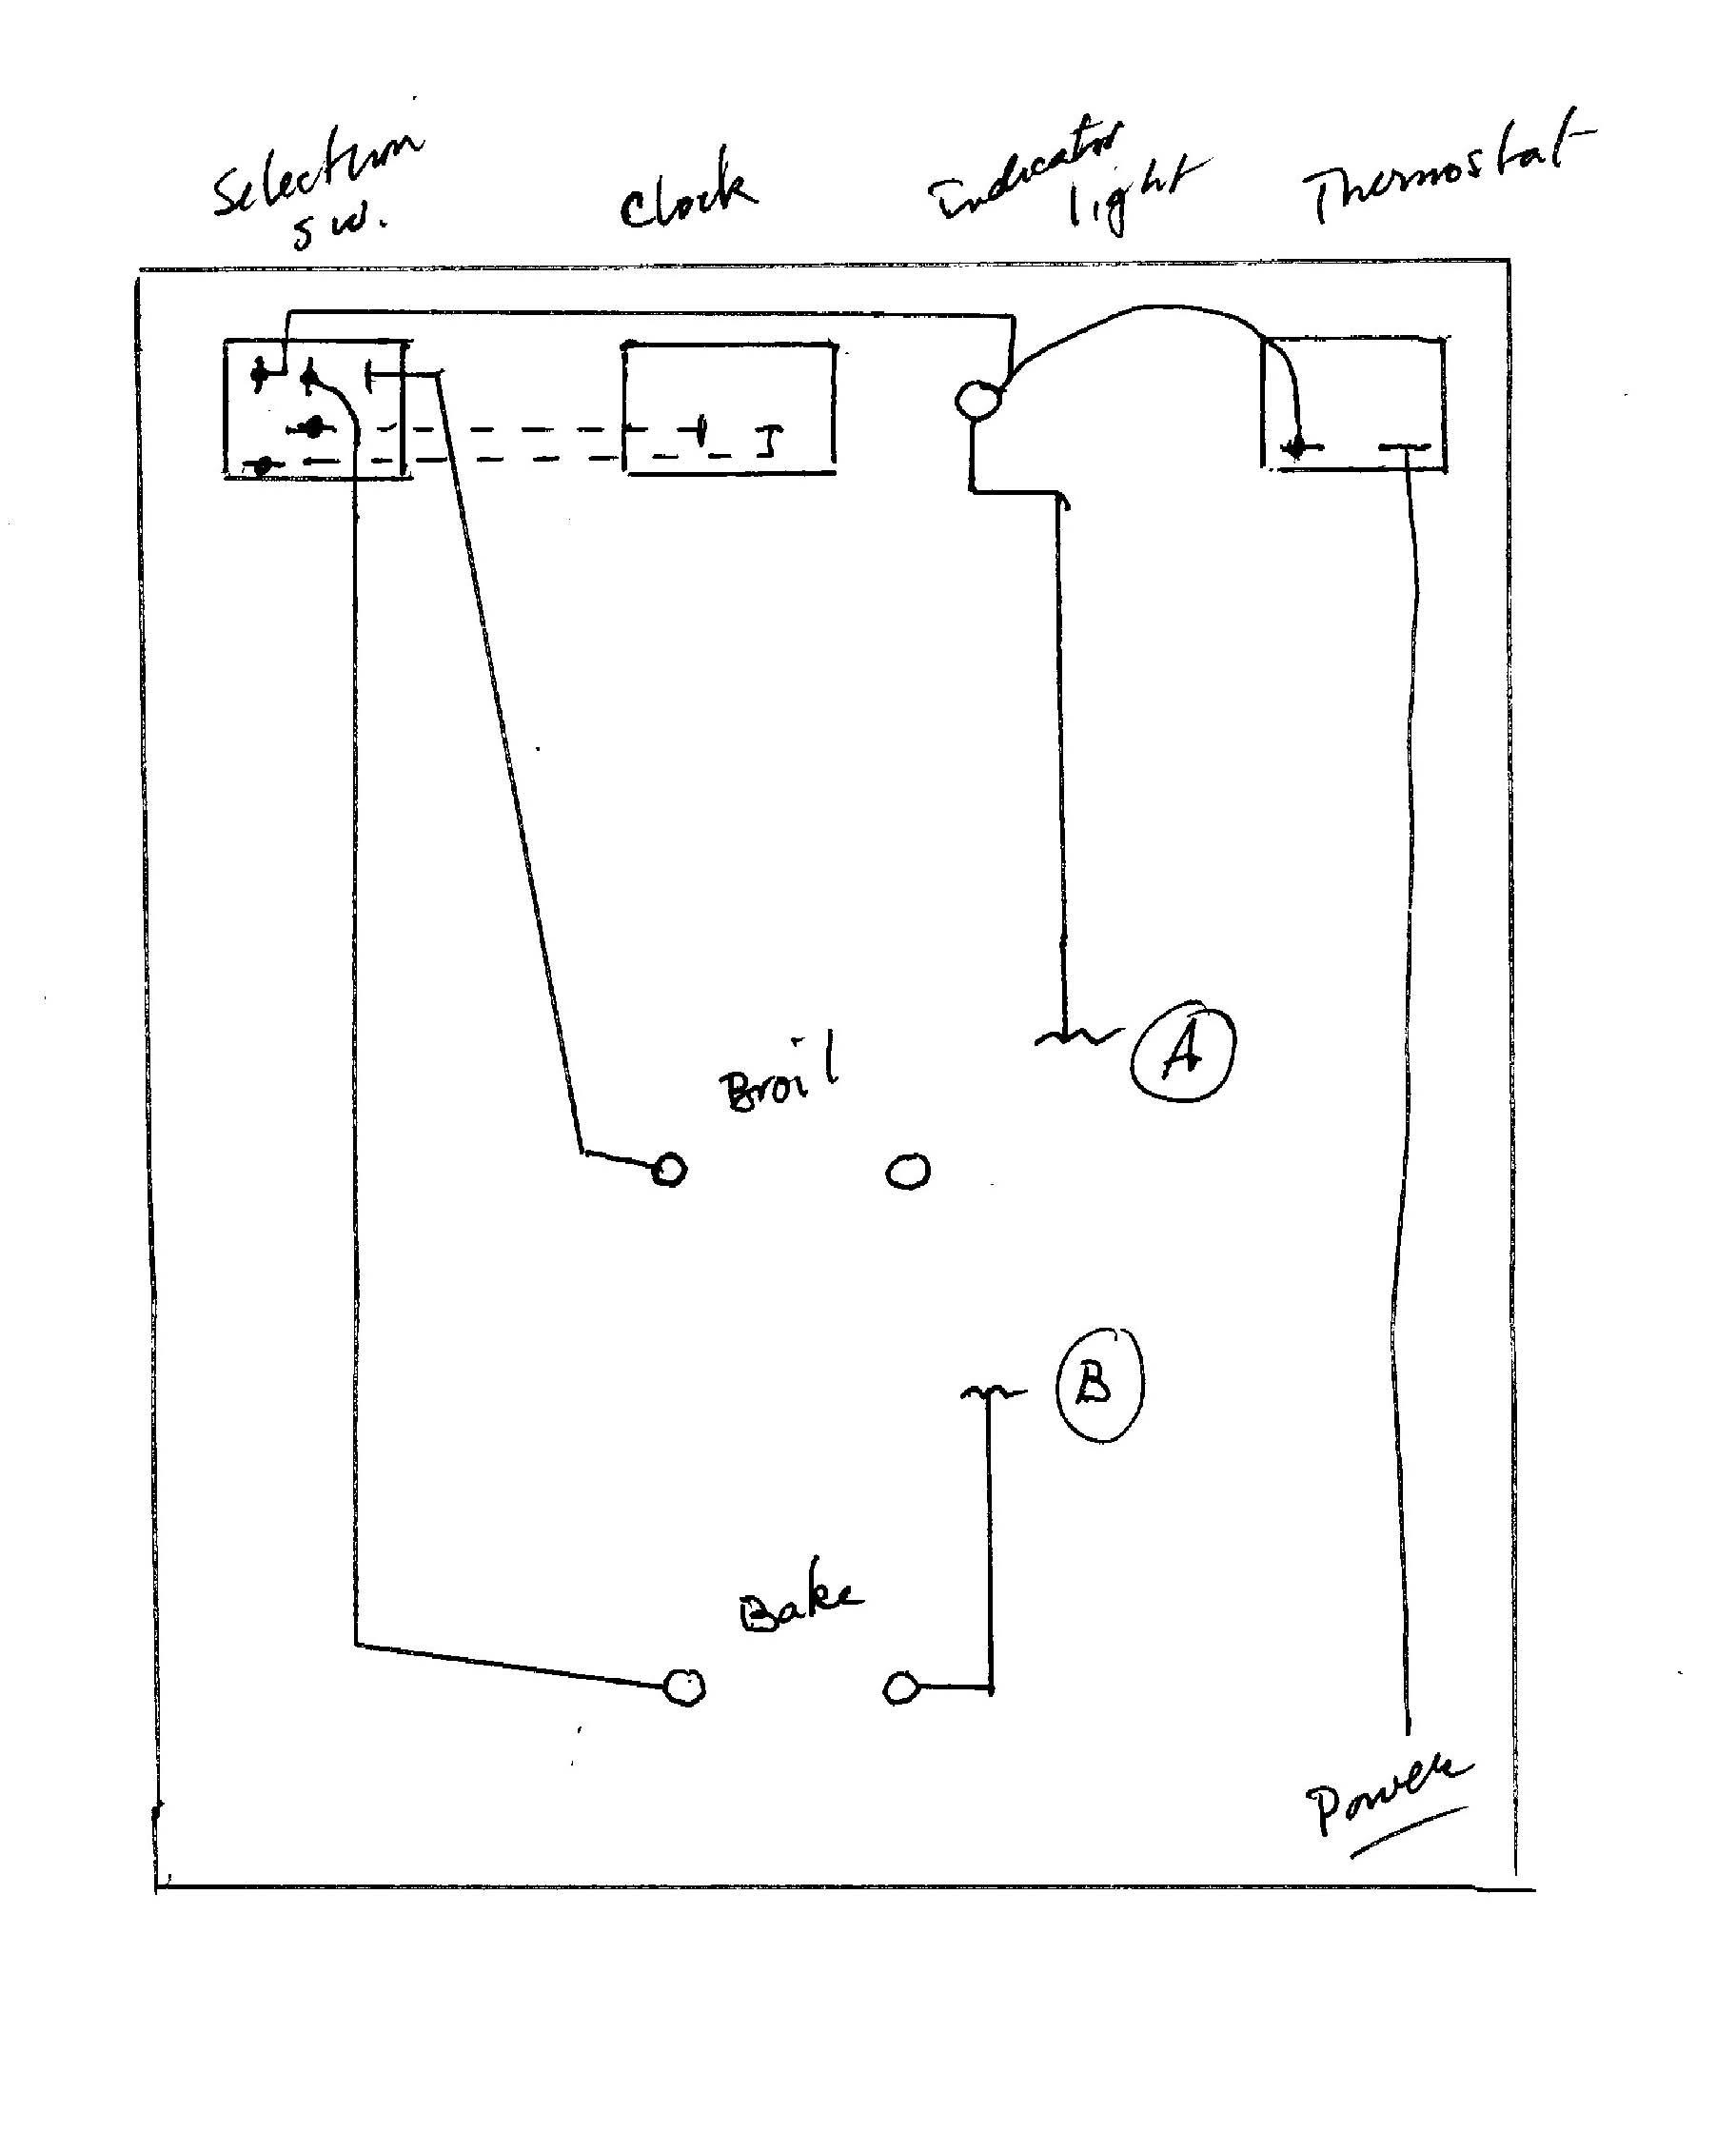 Kenmore 911 30465893 Wiring Diagram – name on